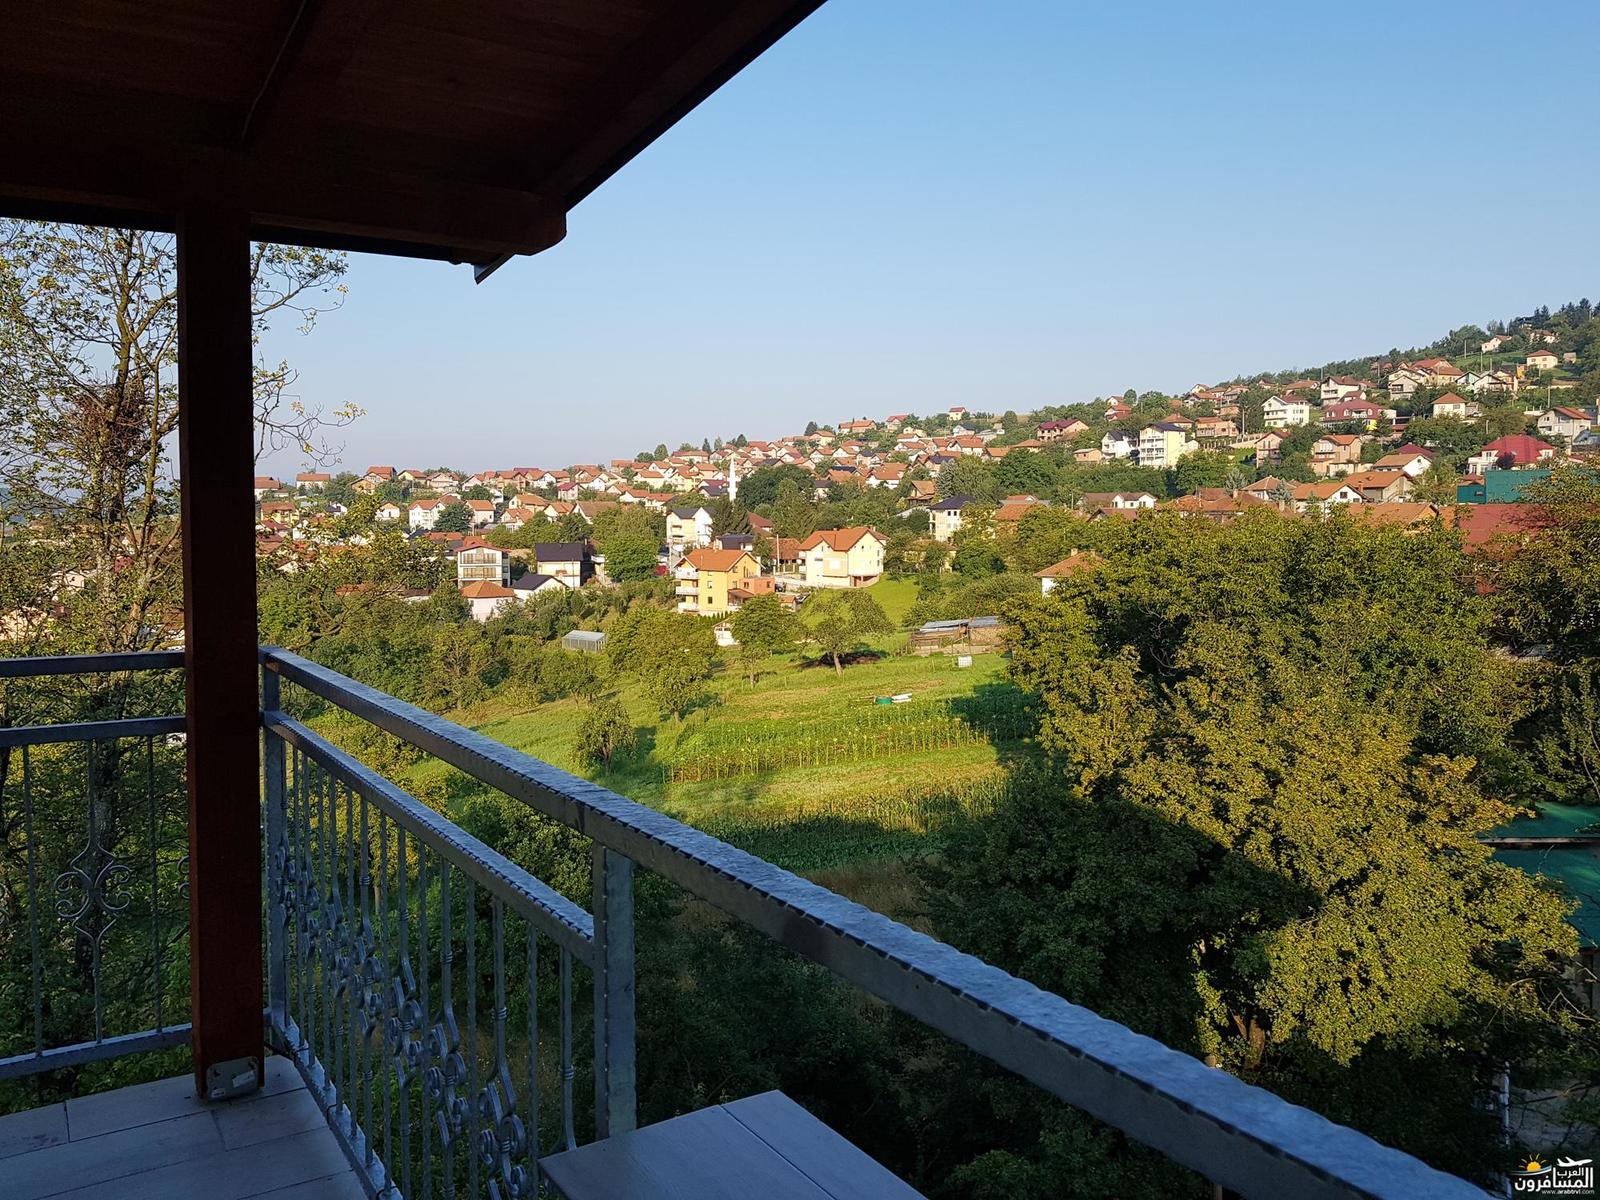 560492 المسافرون العرب نافذة على تاريخ البوسنة والهرسك